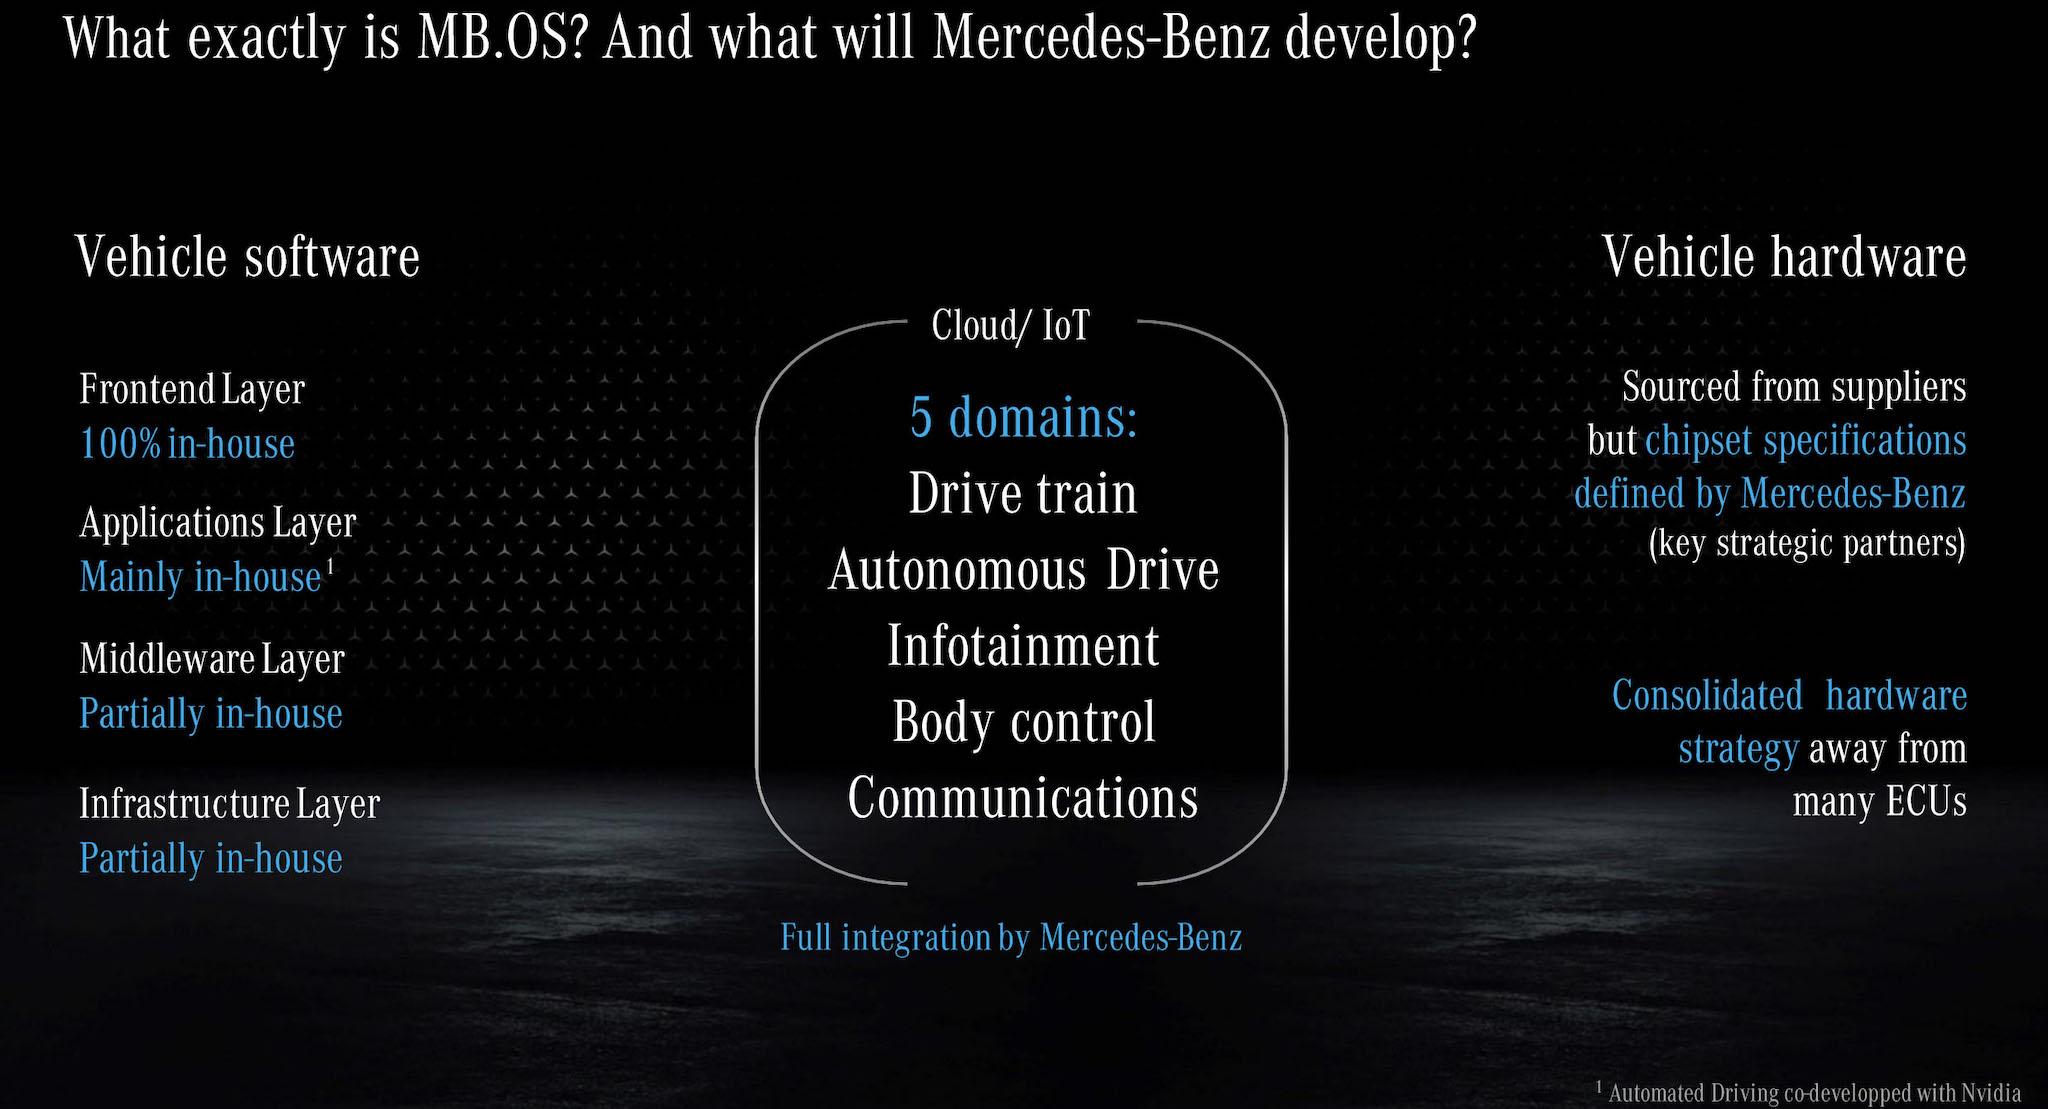 MB.OS 集中管理驅動系統、自動駕駛、資訊娛樂、車身控制、通訊系統等五大車上系統。